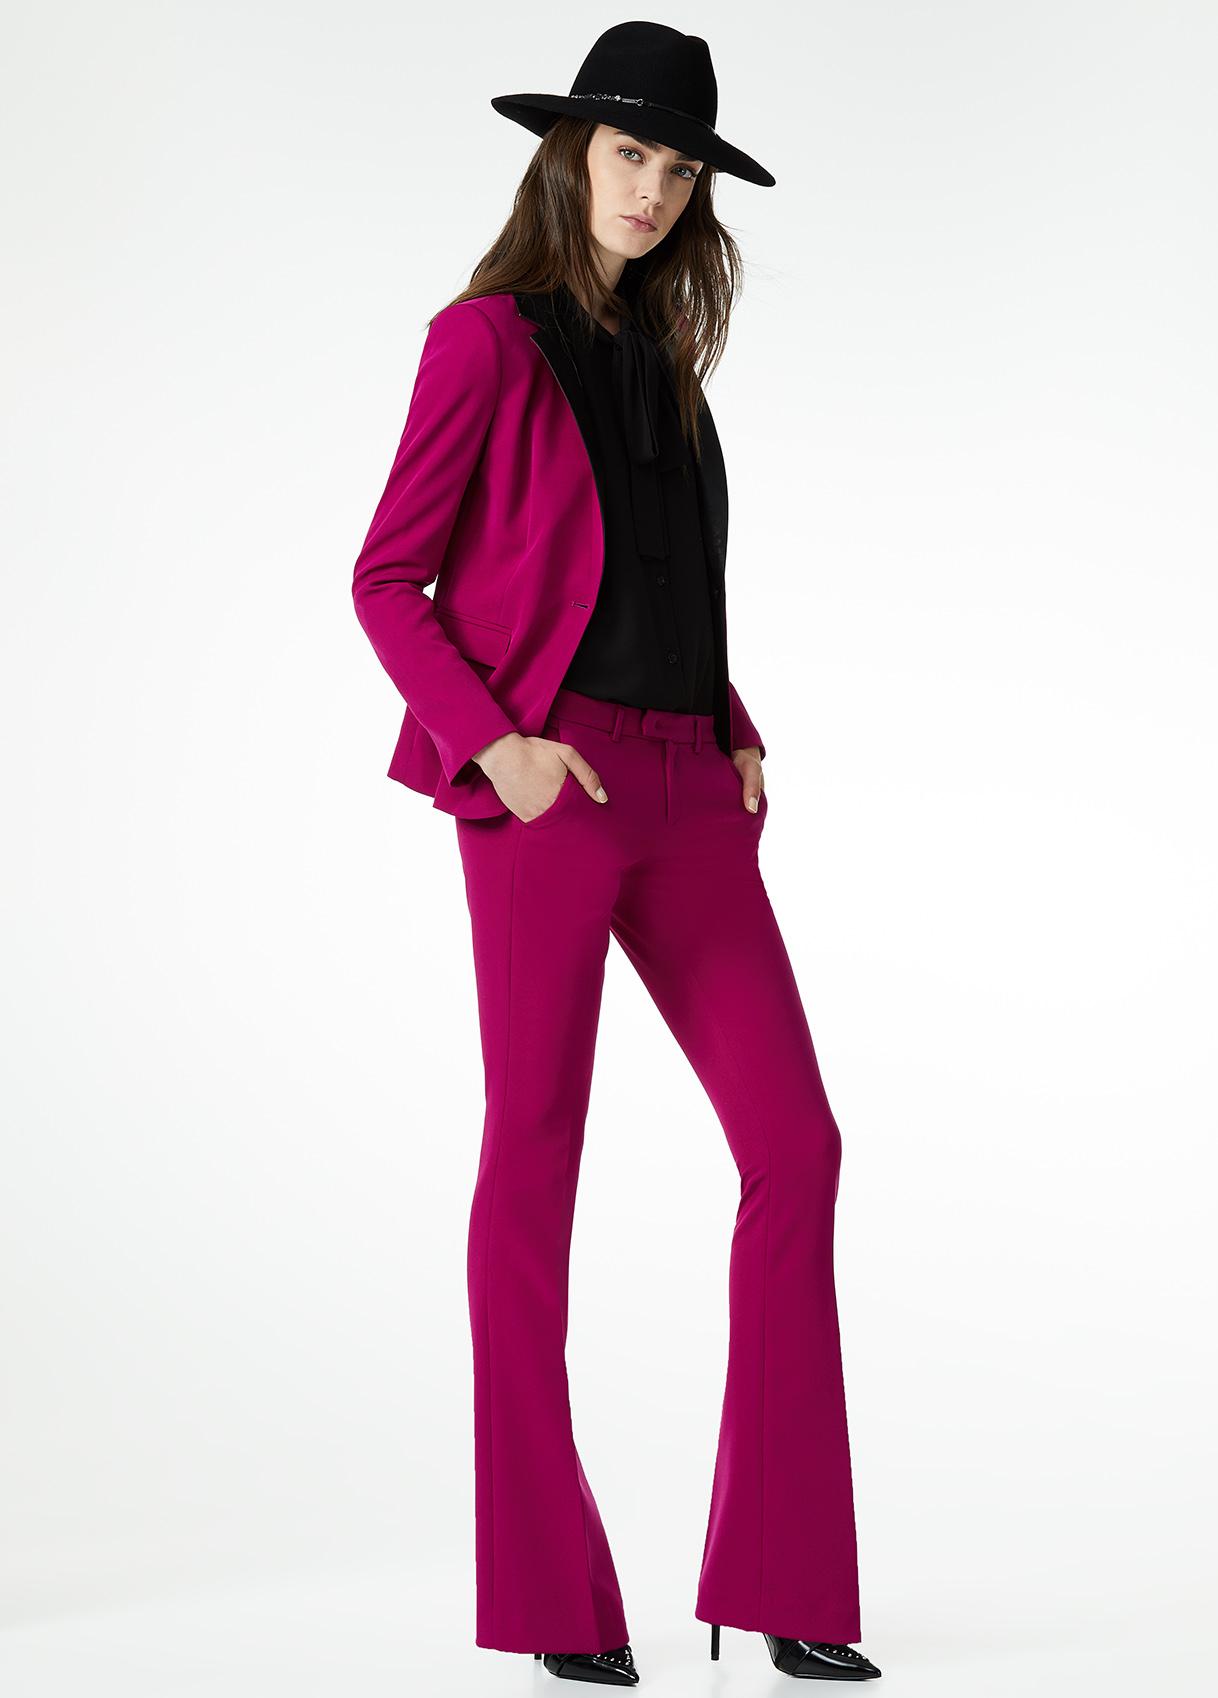 Pantaloni a zampa Liu Jo colorati a 109 euro